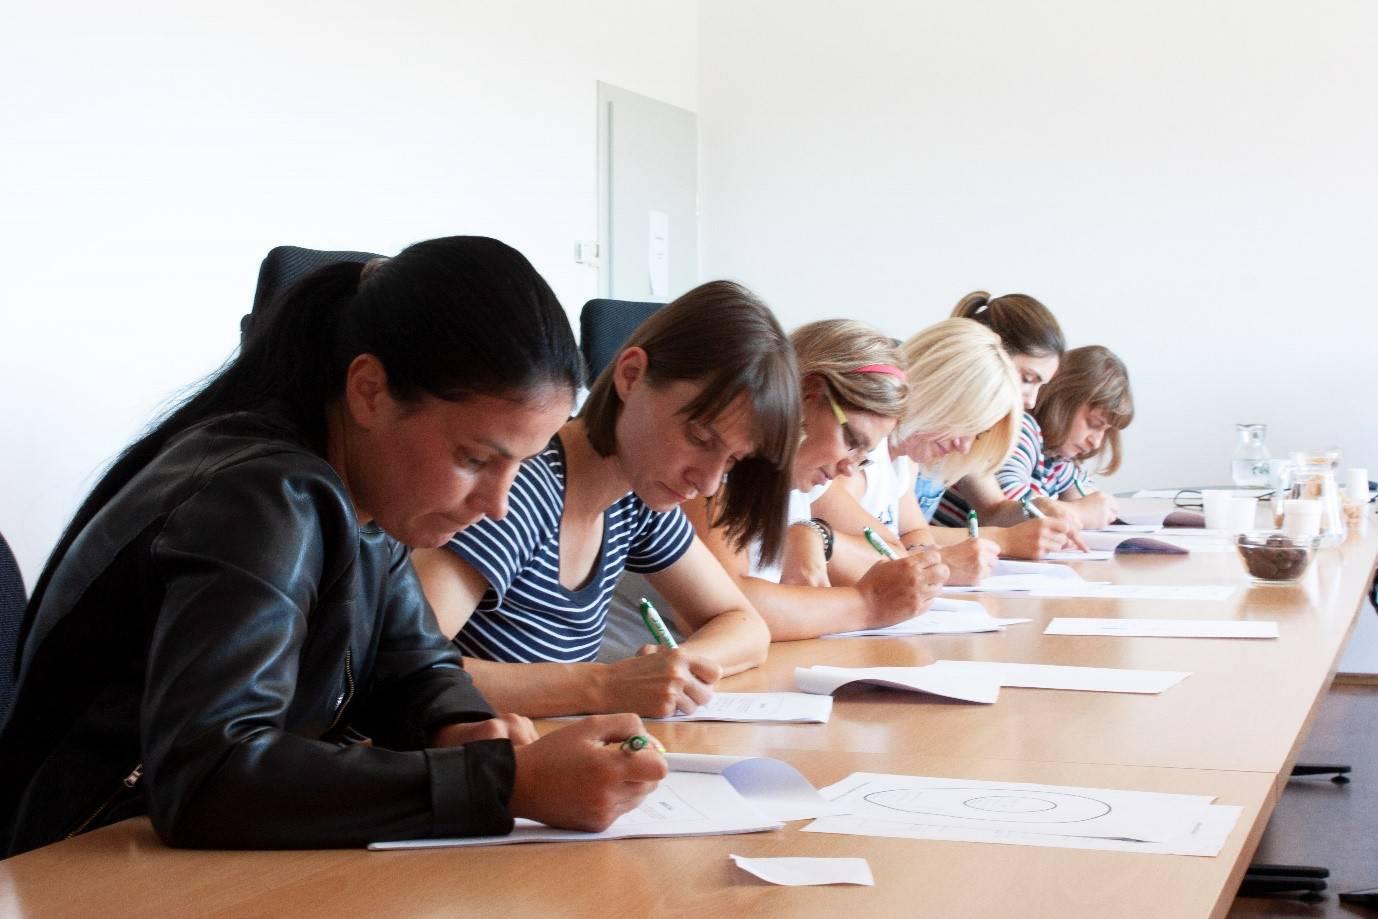 Školovanje djelatnika su temelj poslovnog uspjeha u Pevecu